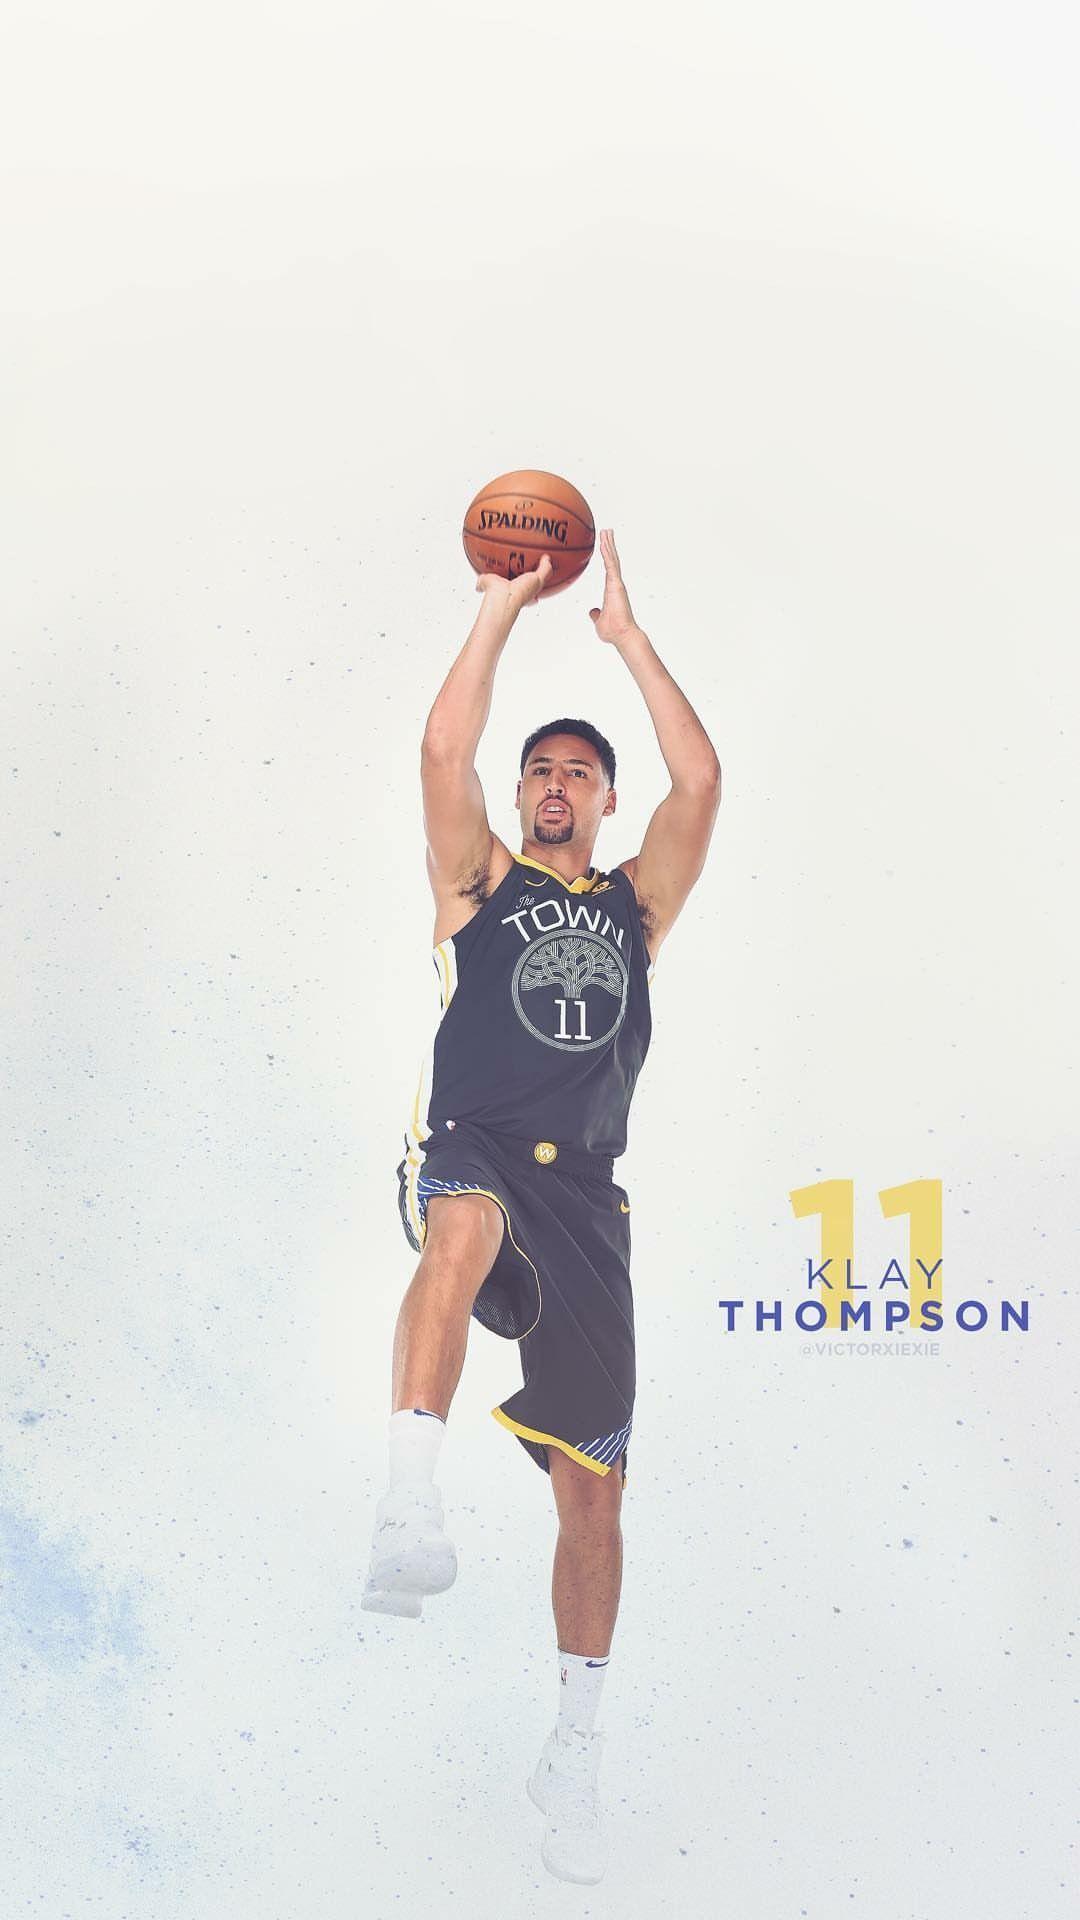 Klay Thompson Wallpaper Klay Thompson Best Nba Players Klay Thompson Wallpaper